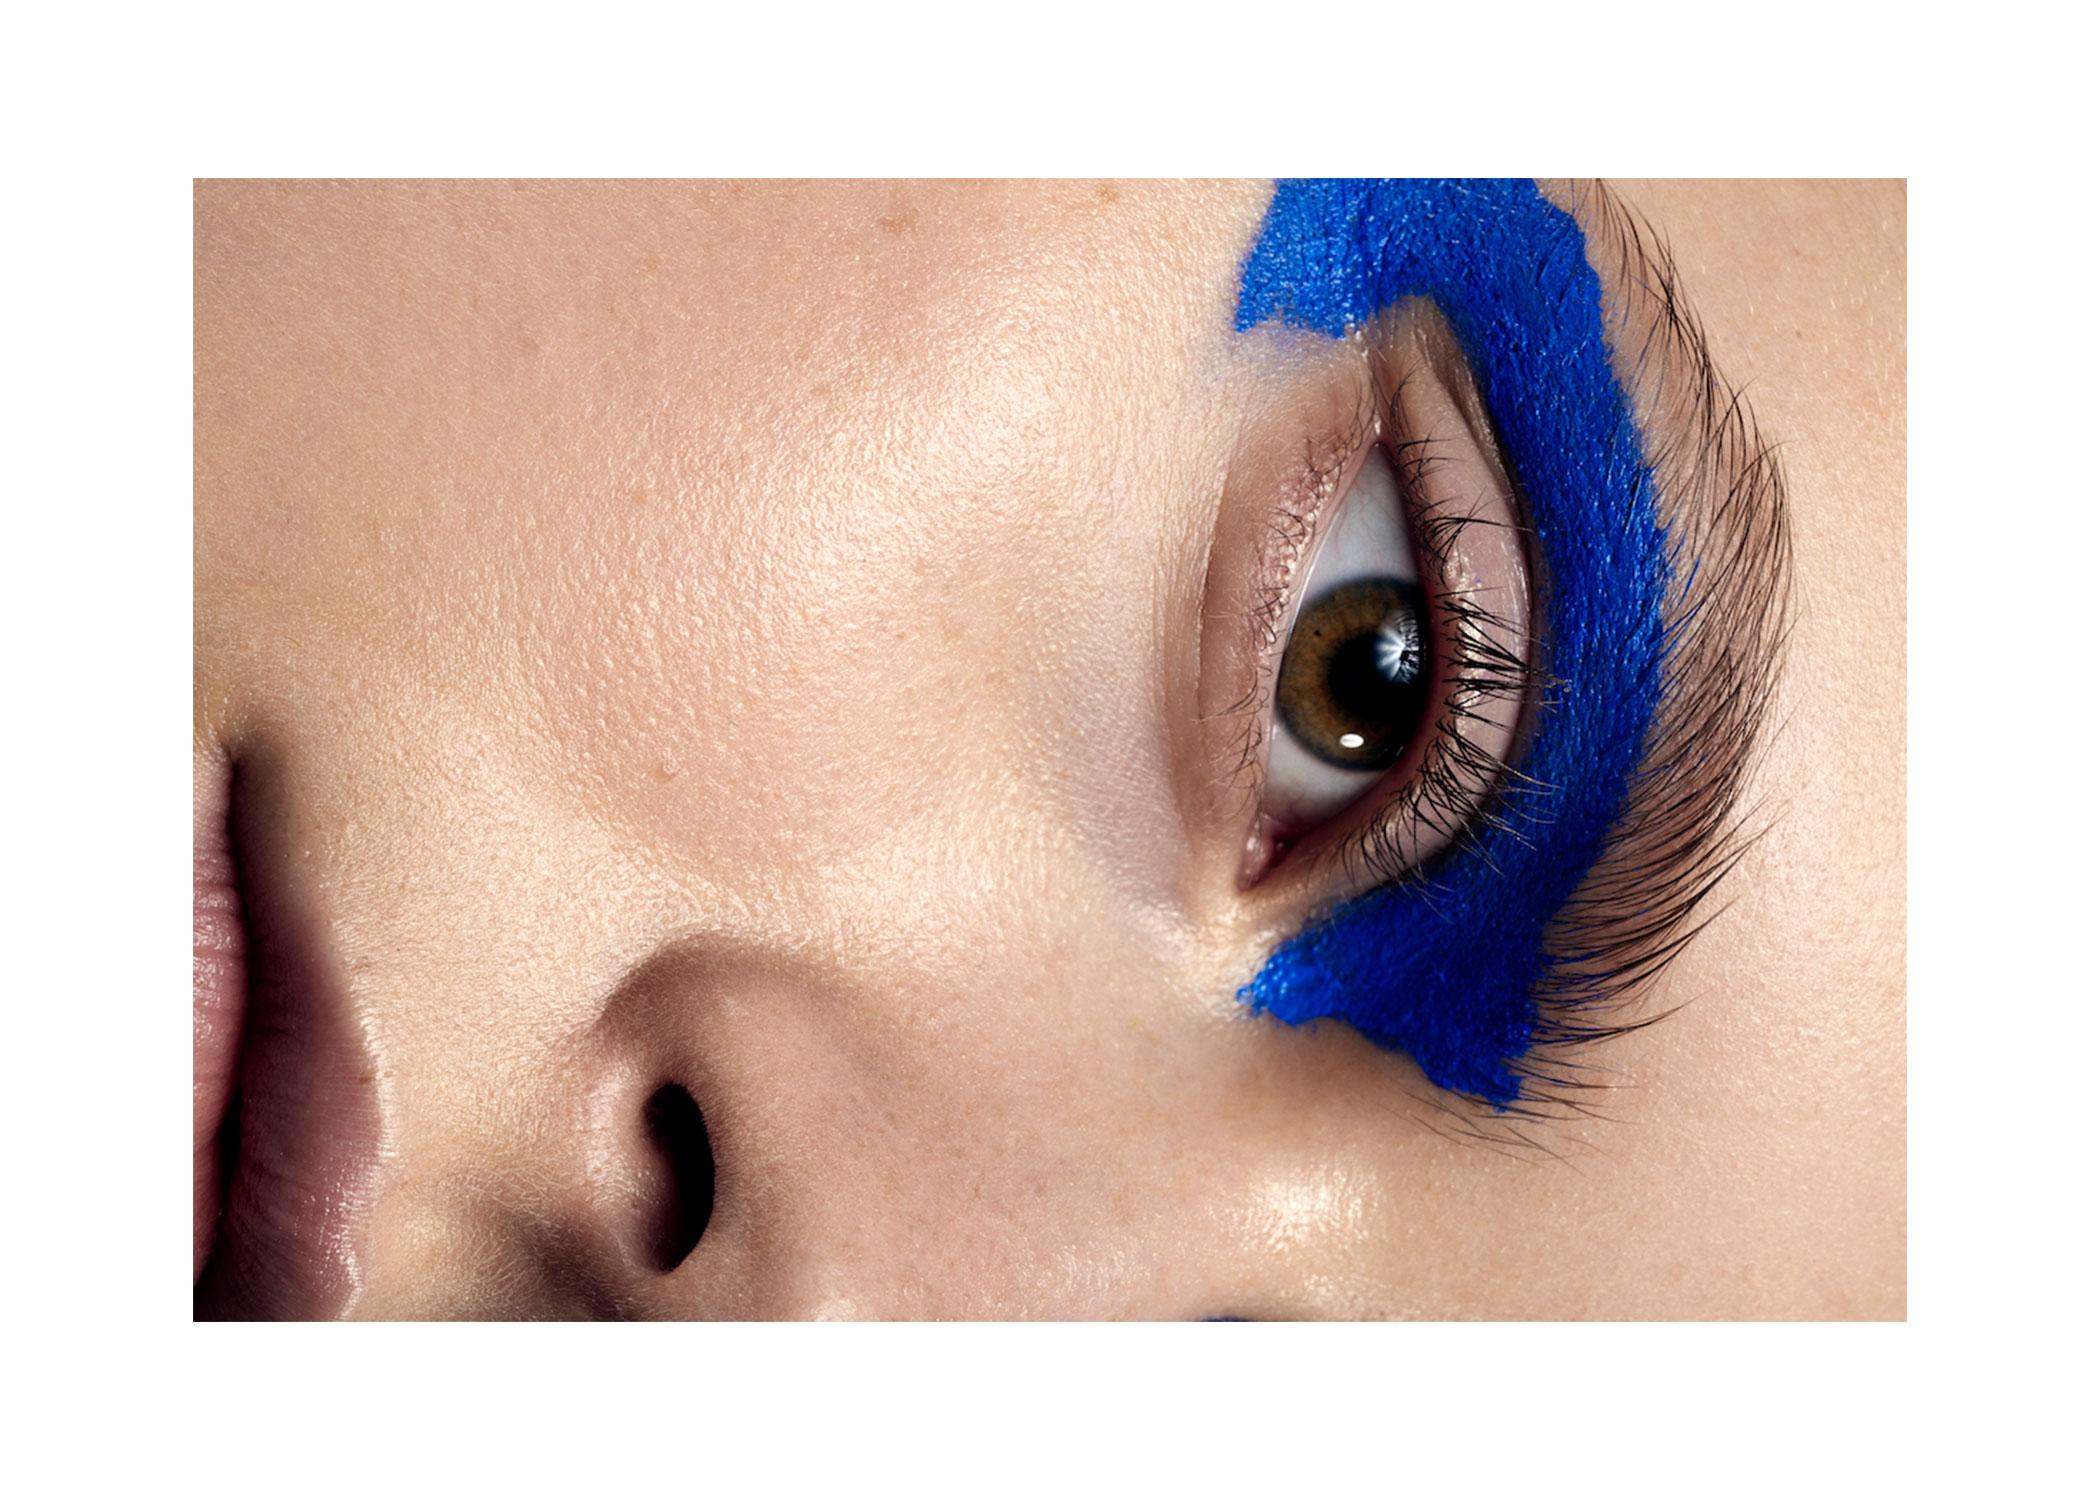 blueeye.jpg